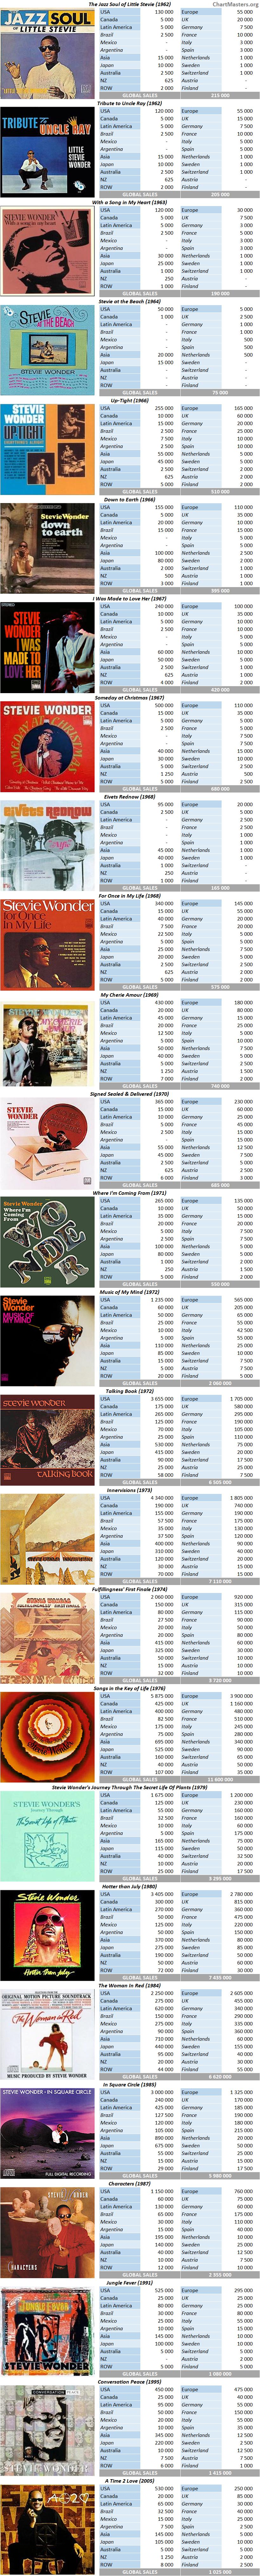 CSPC Stevie Wonder album sales breakdown